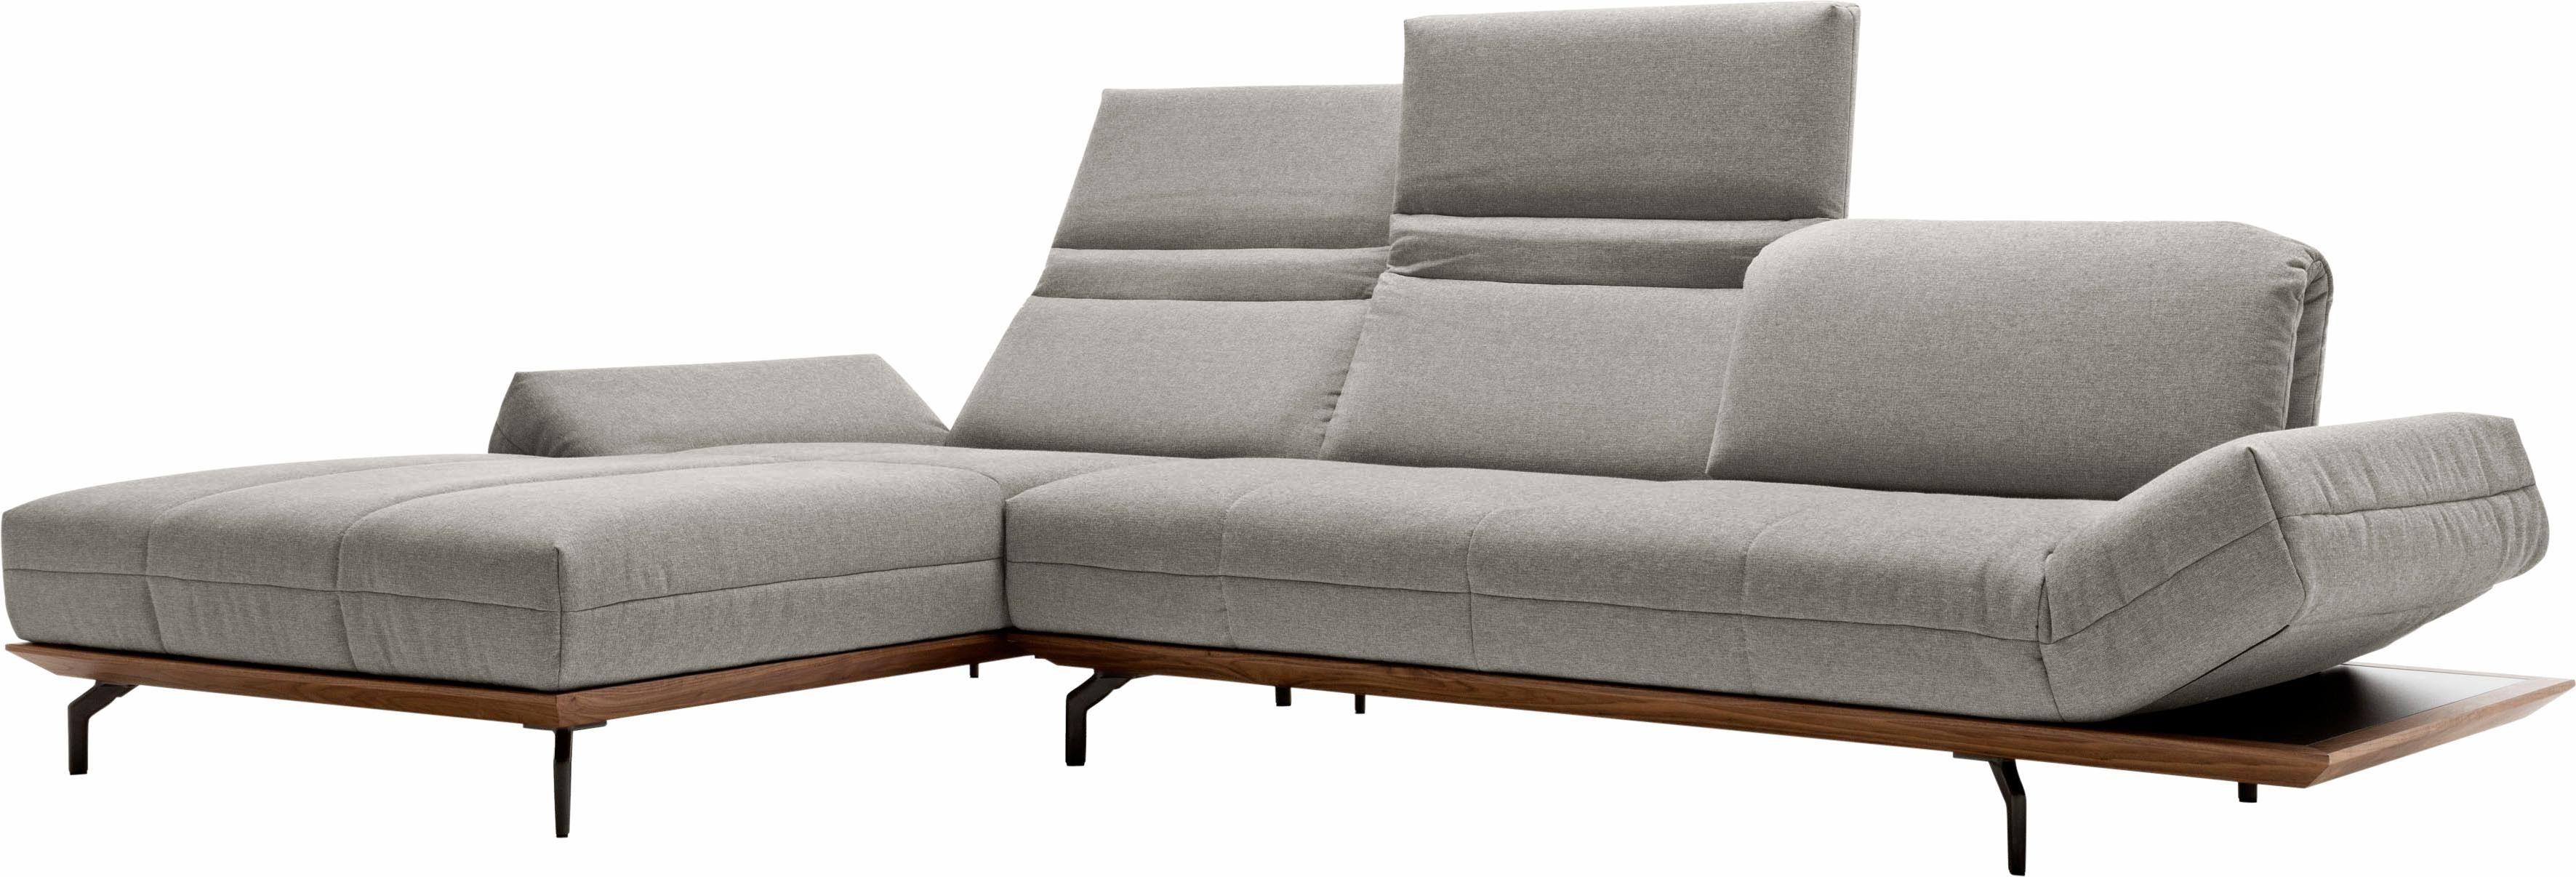 Hülsta Sofa Ecksofa »hs.420«, mit Rücken- und Armlehnenverstellung